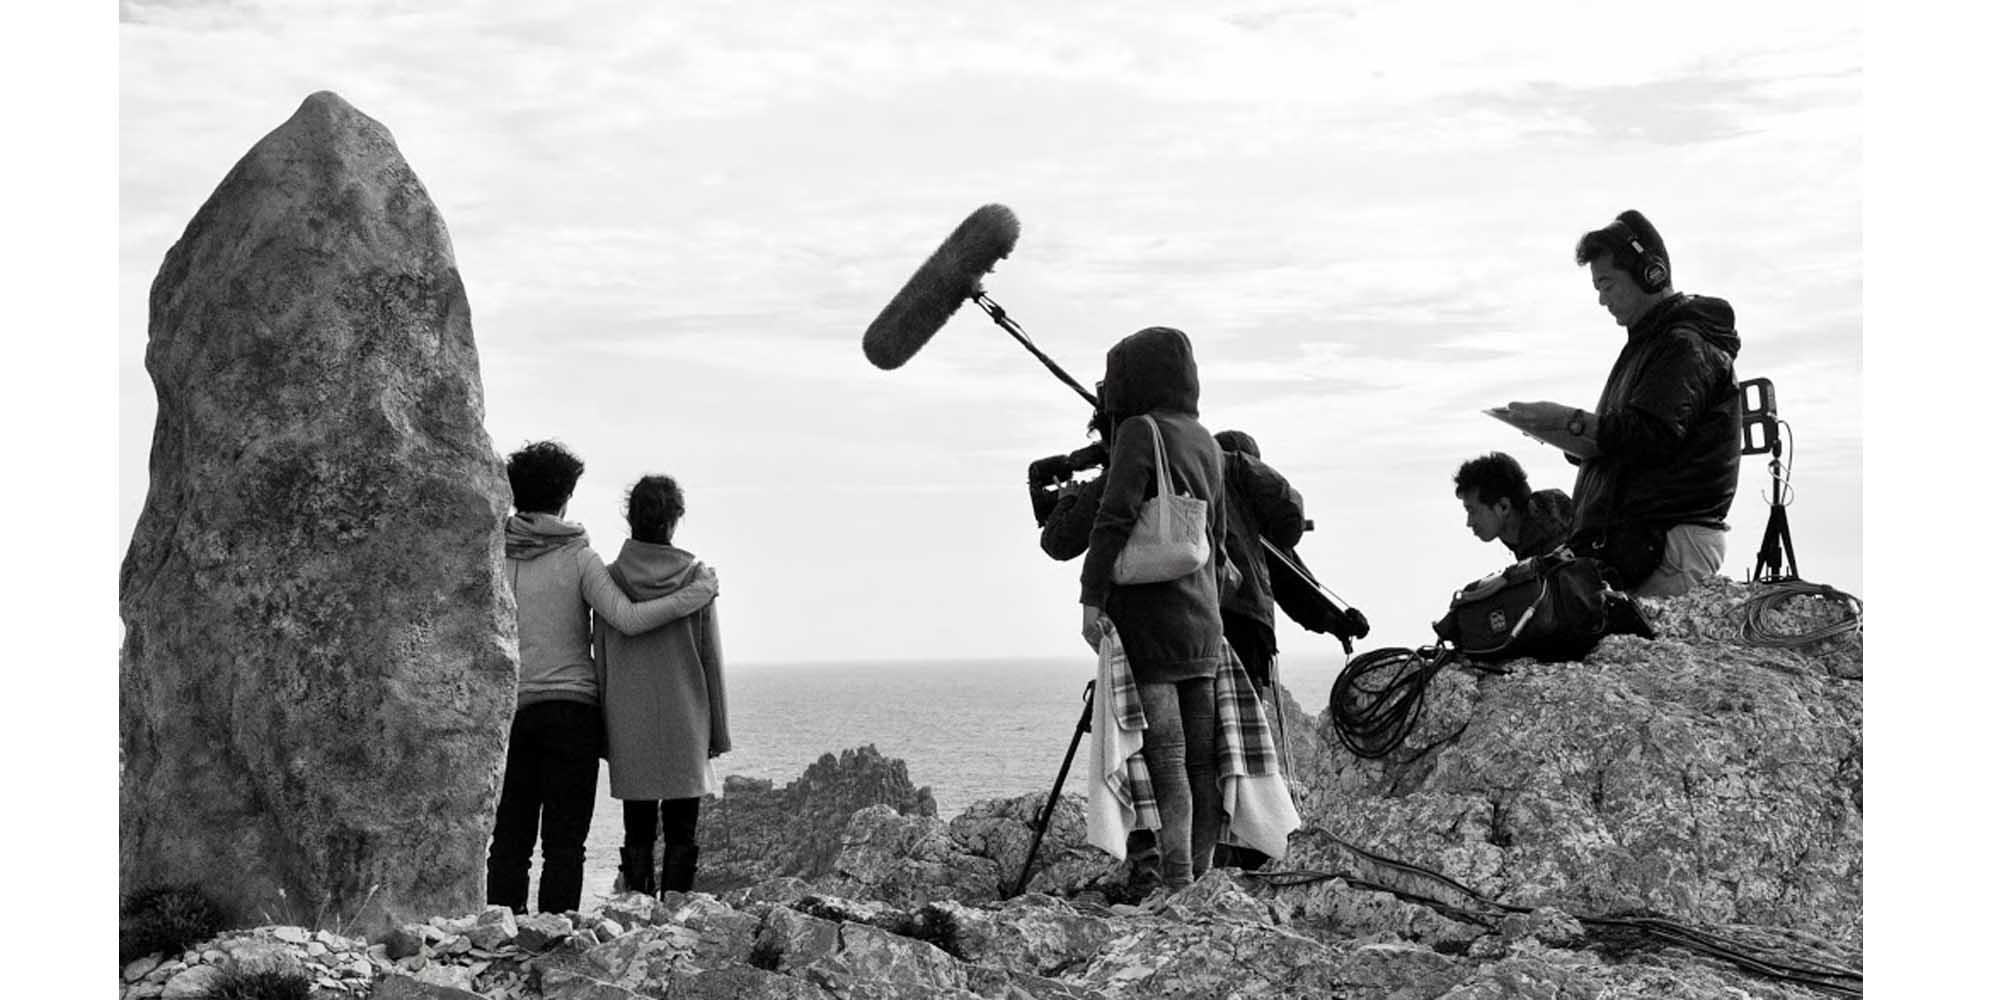 création d'un décor de menhir breton à l'atelier Cobalt Fx comme accessoire de décor de cinéma